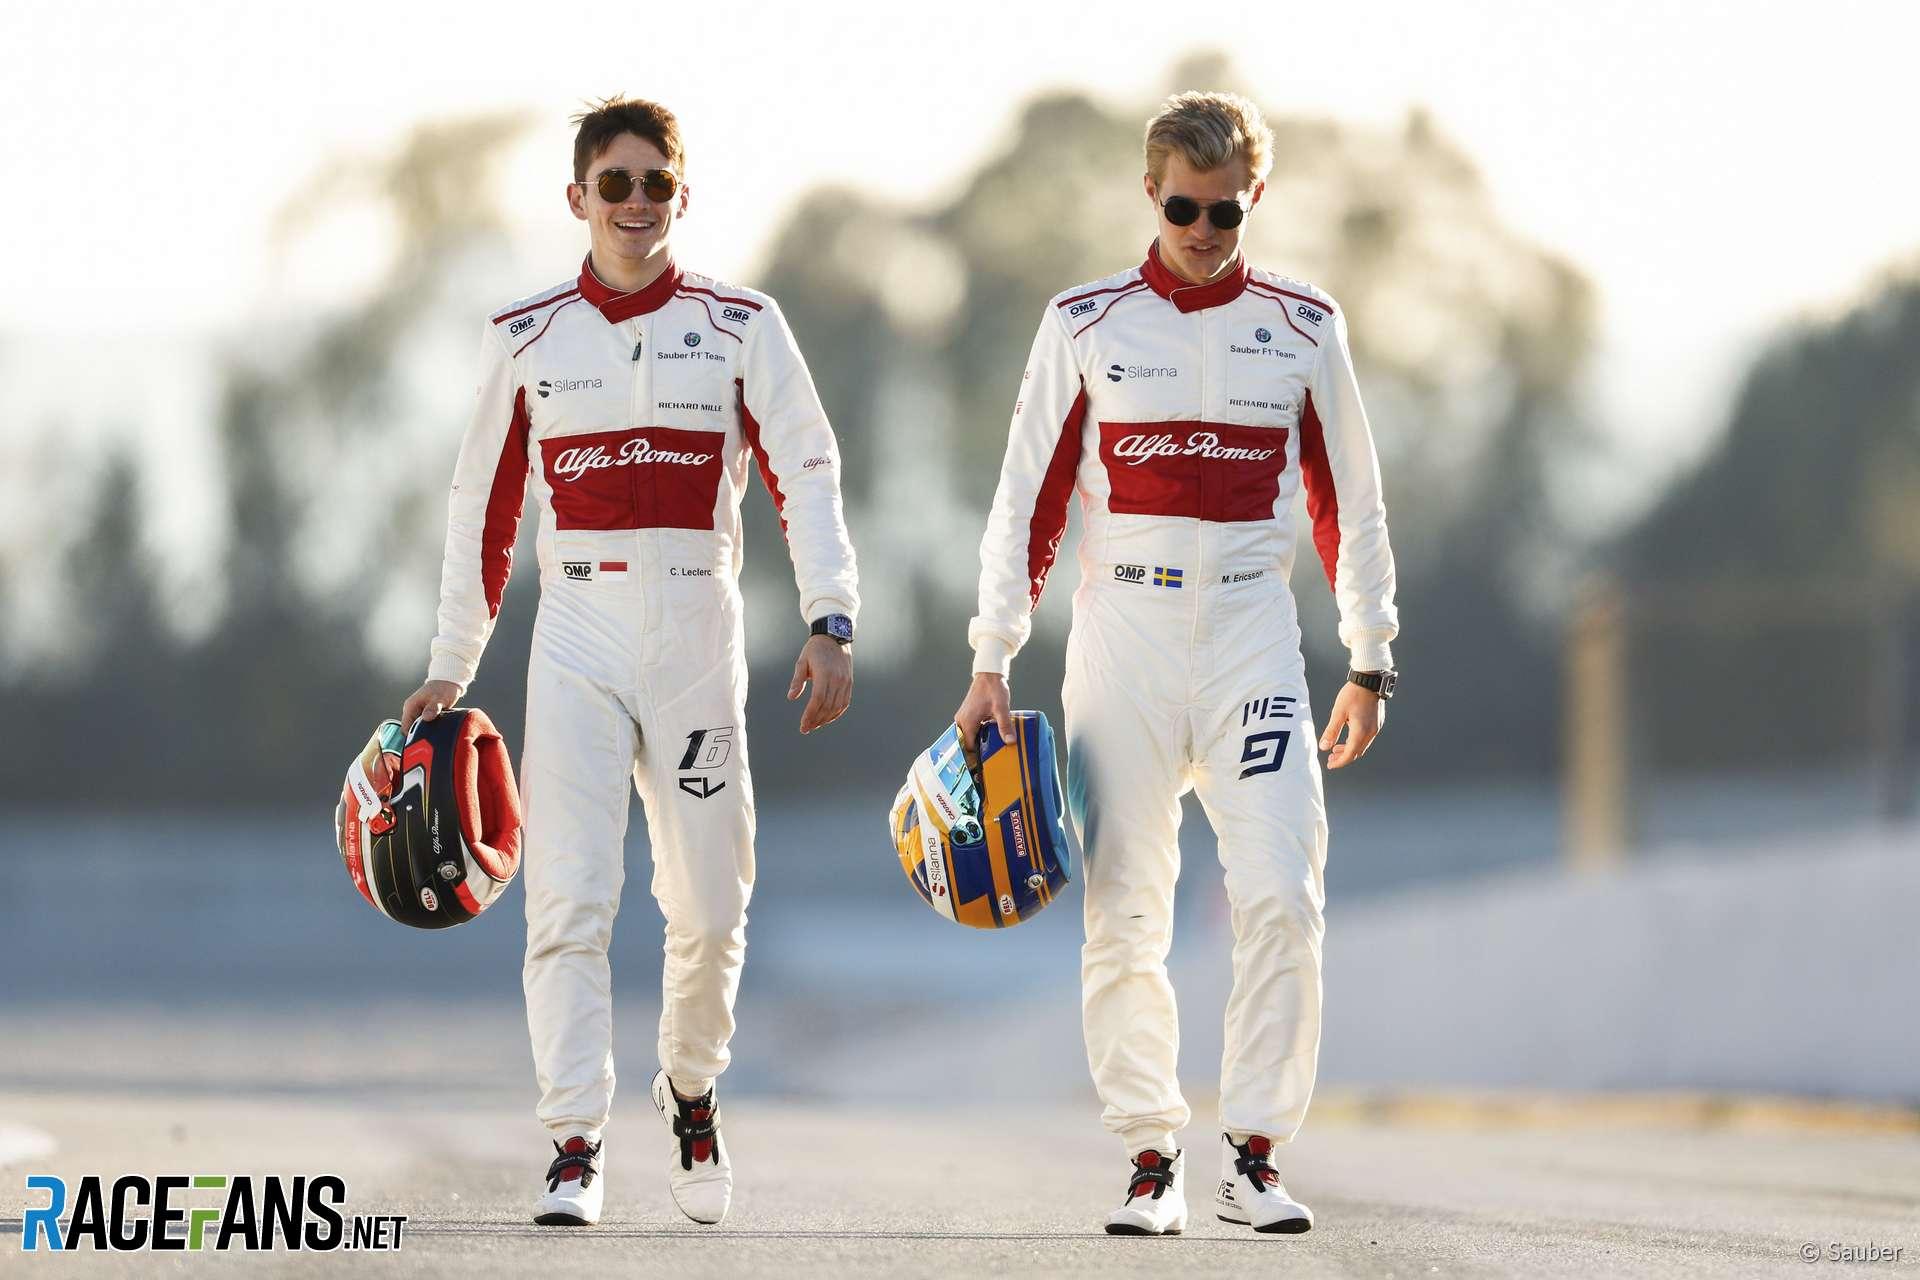 Charles Leclerc, Marcus Ericsson, Sauber, 2018